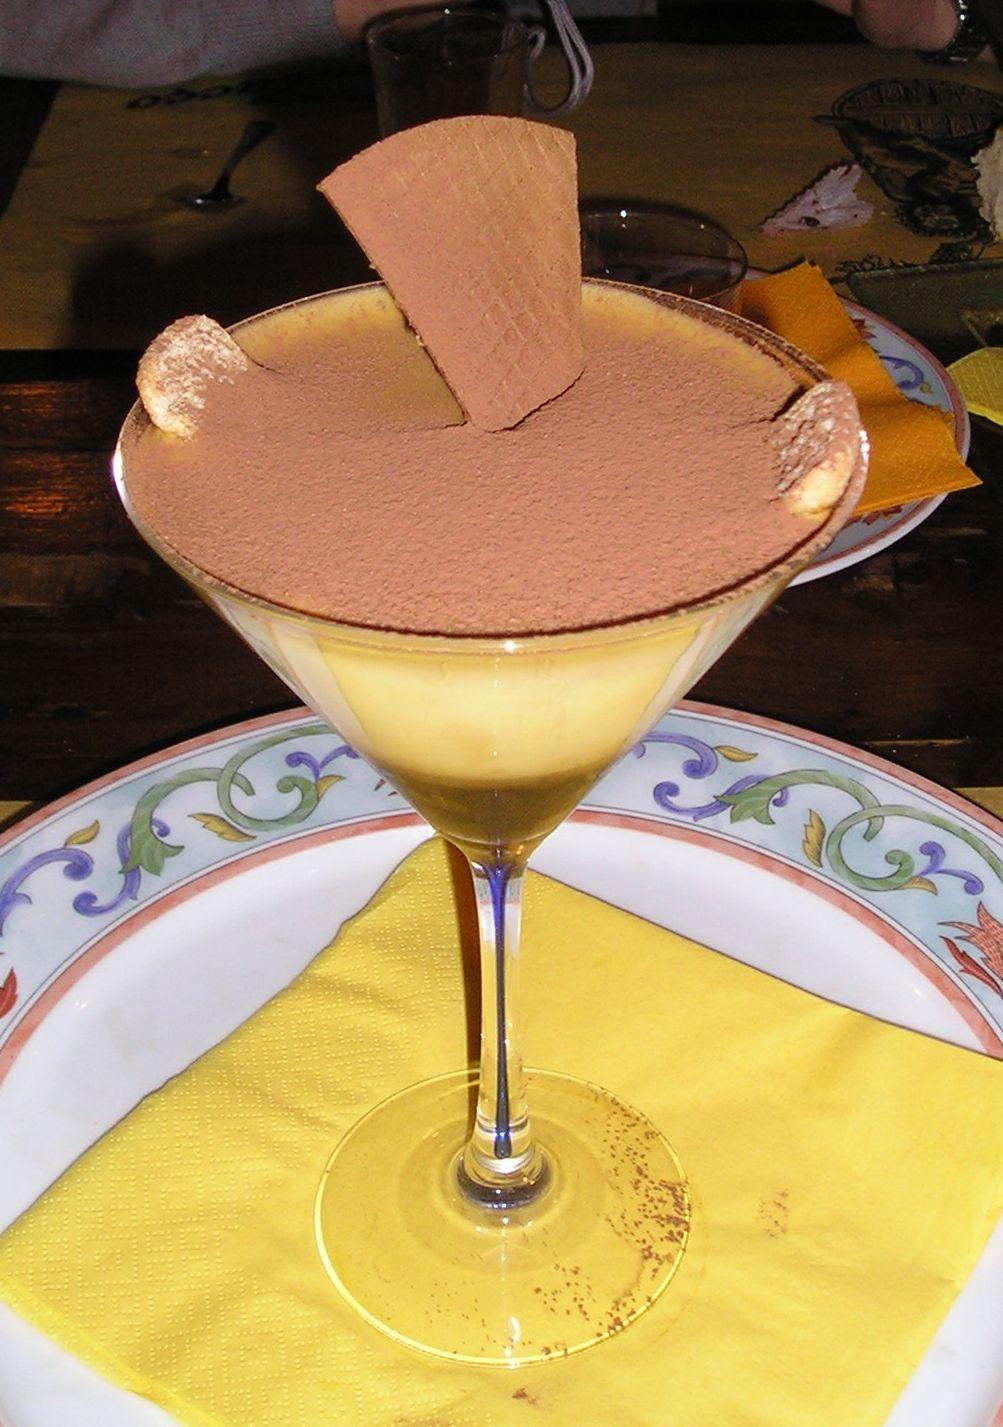 Description Il dolce...al mascarpone.jpg